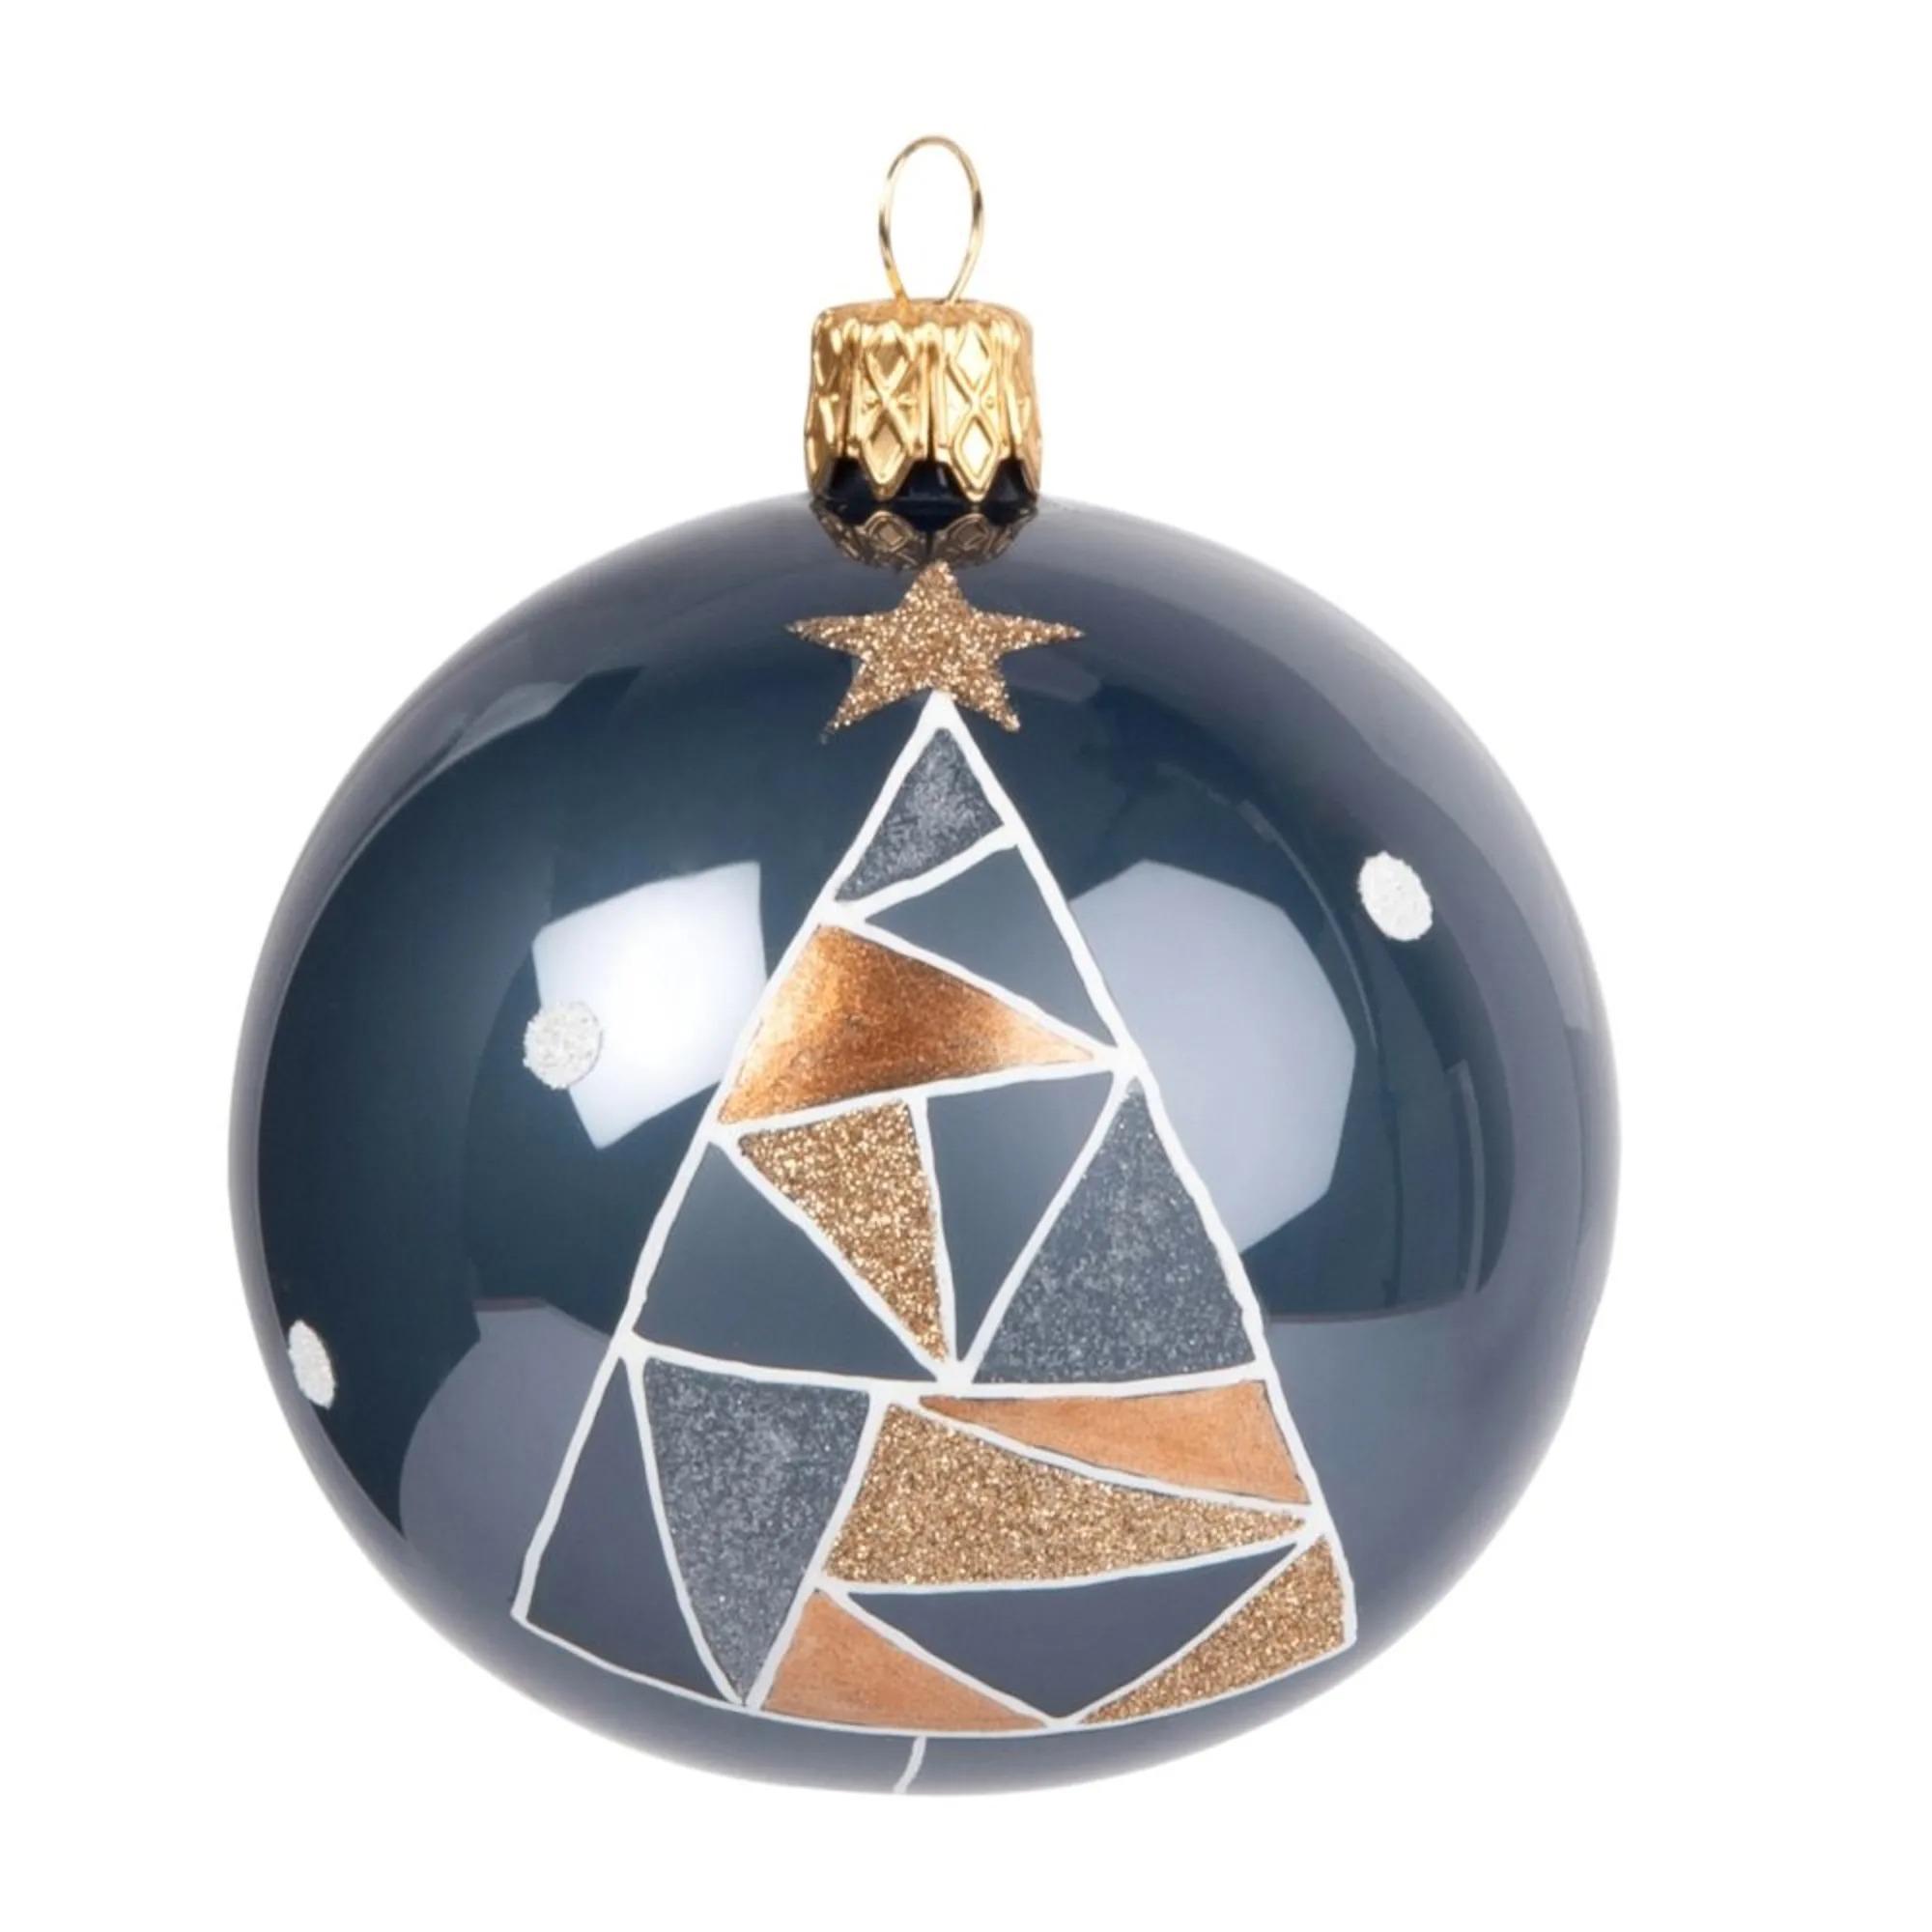 Bola de Navidad de cristal azul con estampado de abeto geométrico - Lote de 6